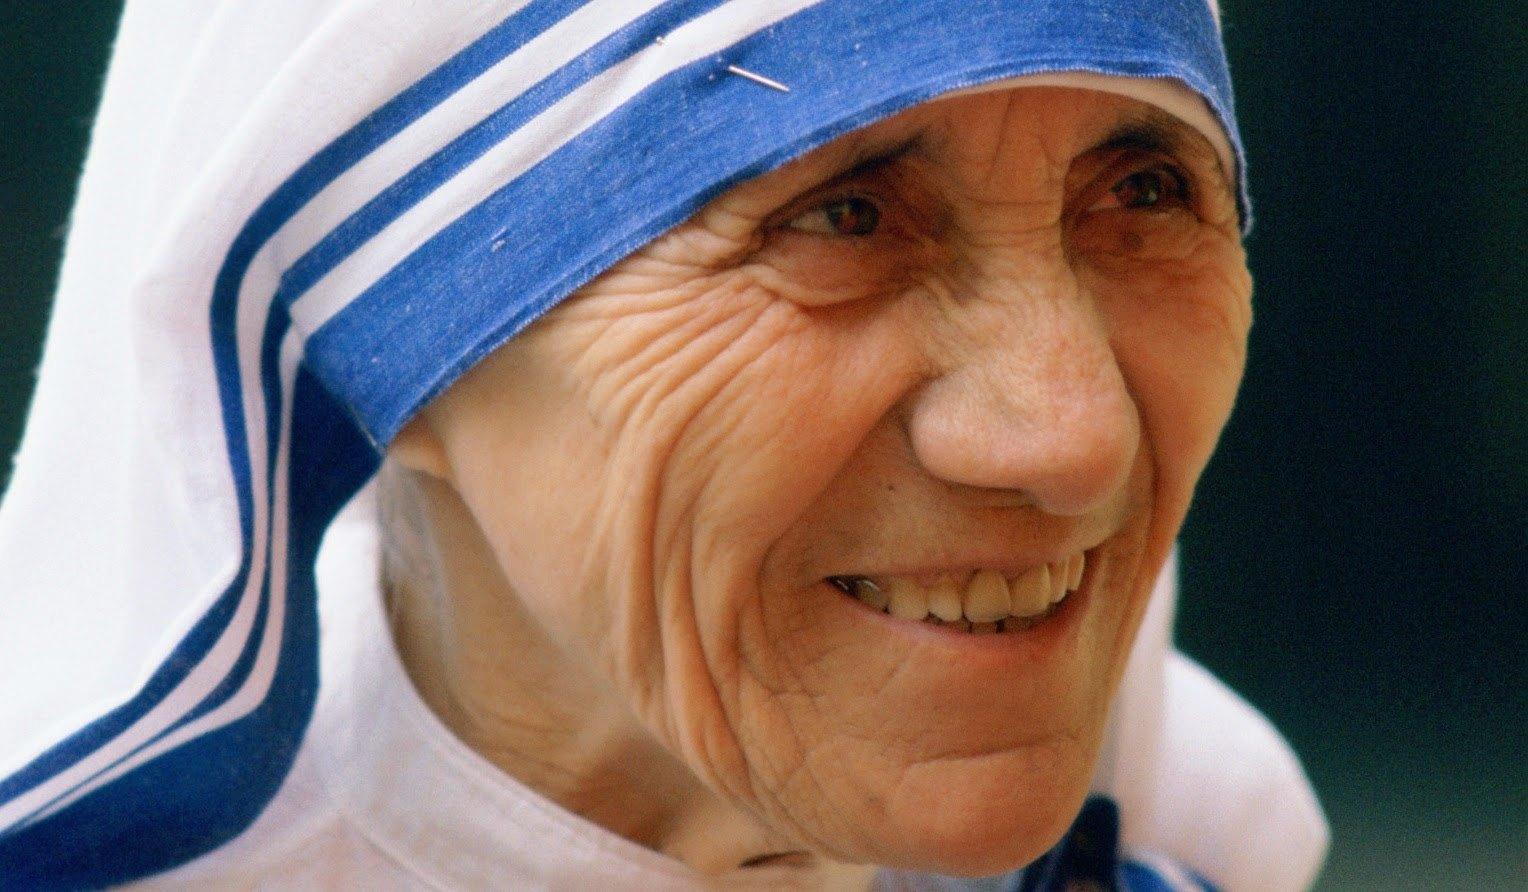 https://i0.wp.com/cdn-media-1.lifehack.org/wp-content/files/2015/10/13214209/Mother-Teresa-2.jpg